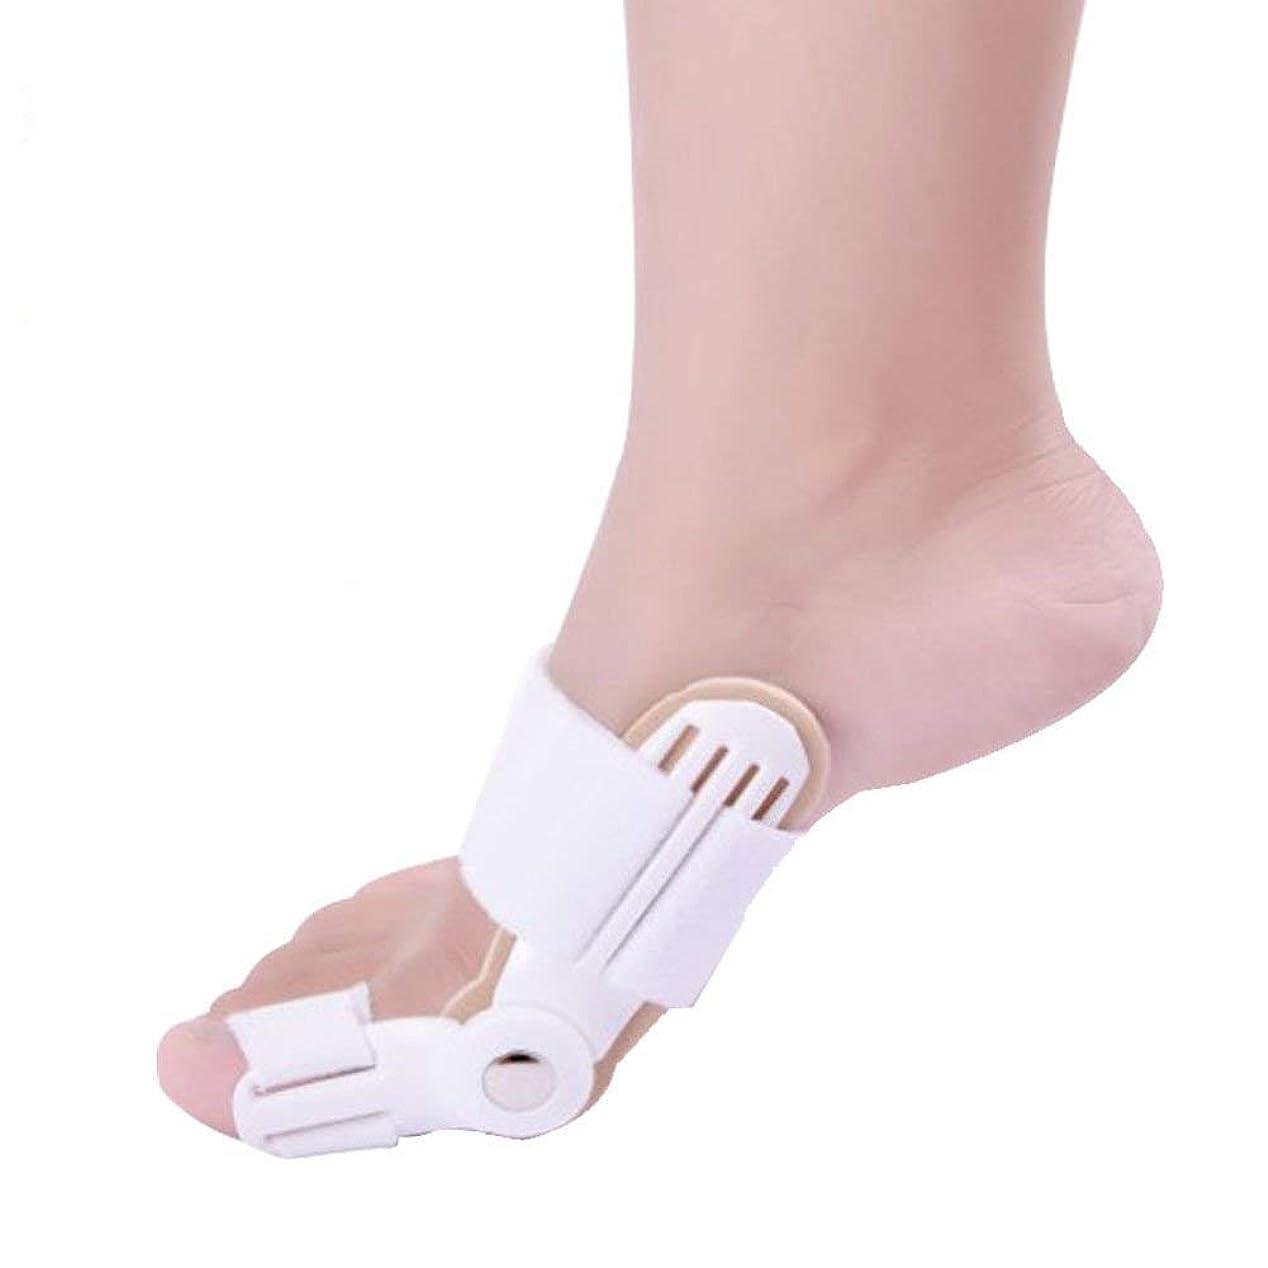 ジャムスロー生き残り腱膜瘤矯正、外反装具副木、痛み腱膜炎、男性と女性のための整形外科の腱膜副木、2ピース